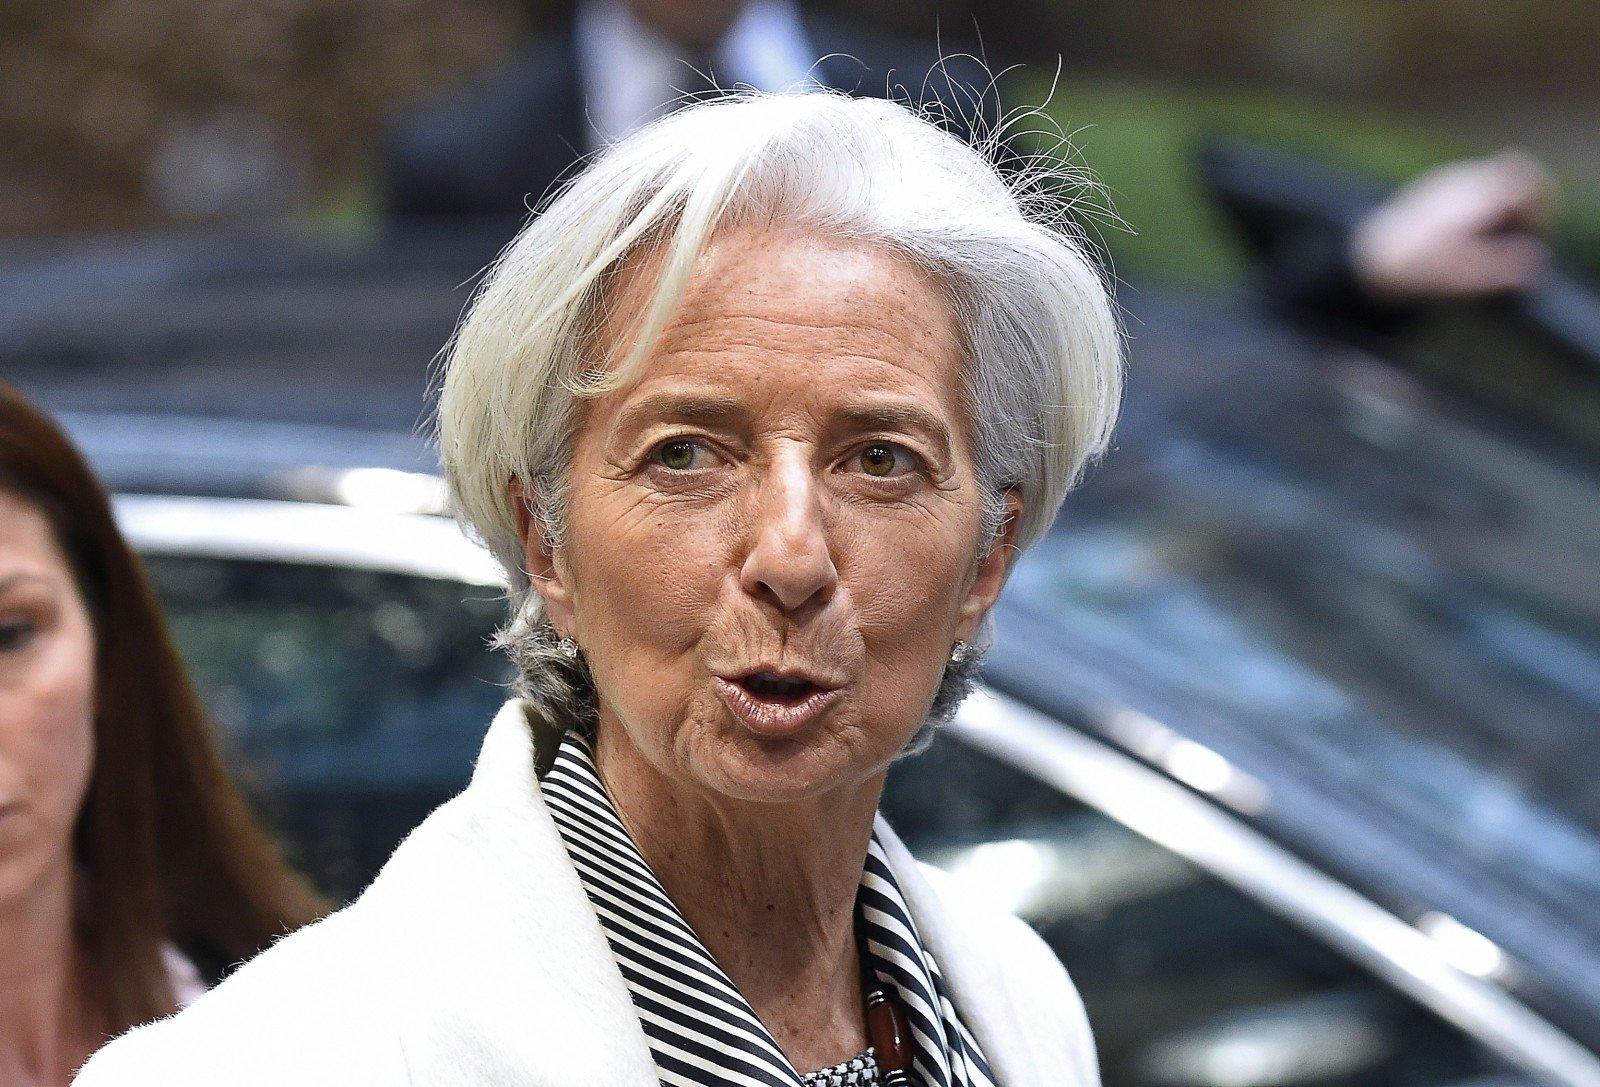 Доконца года МВФ может рассмотреть выделение четвертого транша